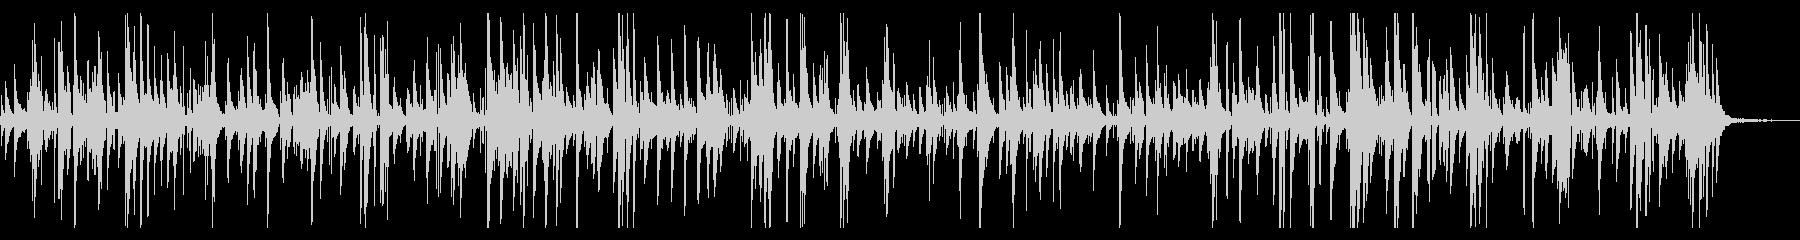 ゆったりとしたジャズピアノバラードの未再生の波形